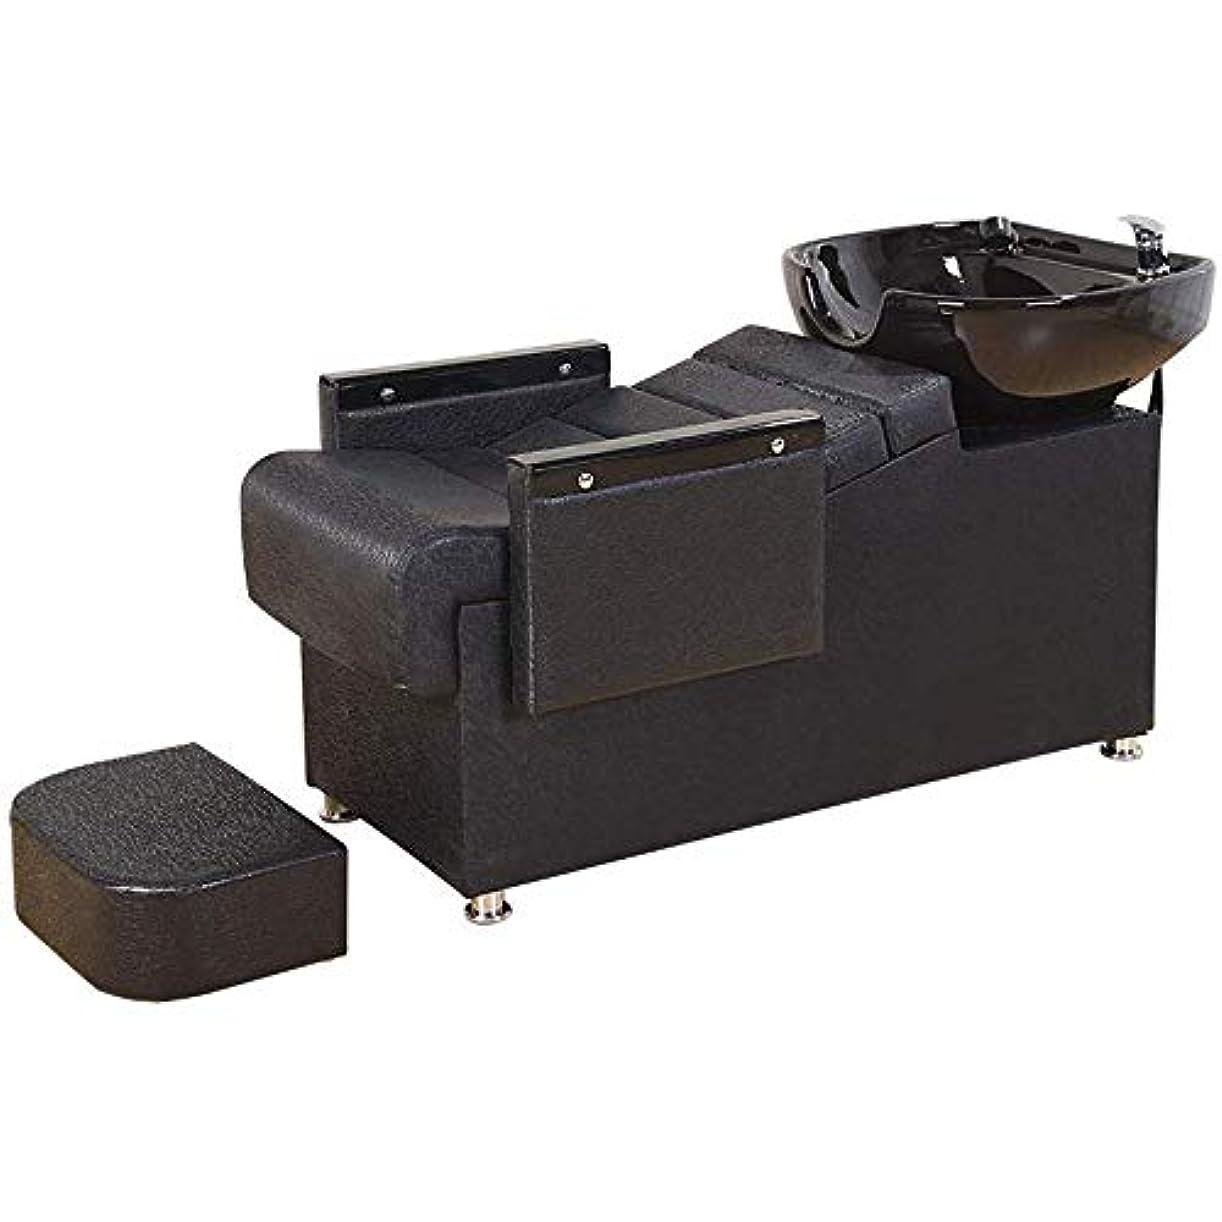 縮れた当社サービスシャンプー椅子、逆洗ユニットシャンプーボウル理髪店理髪店シンクチェアスパ用美容院機器